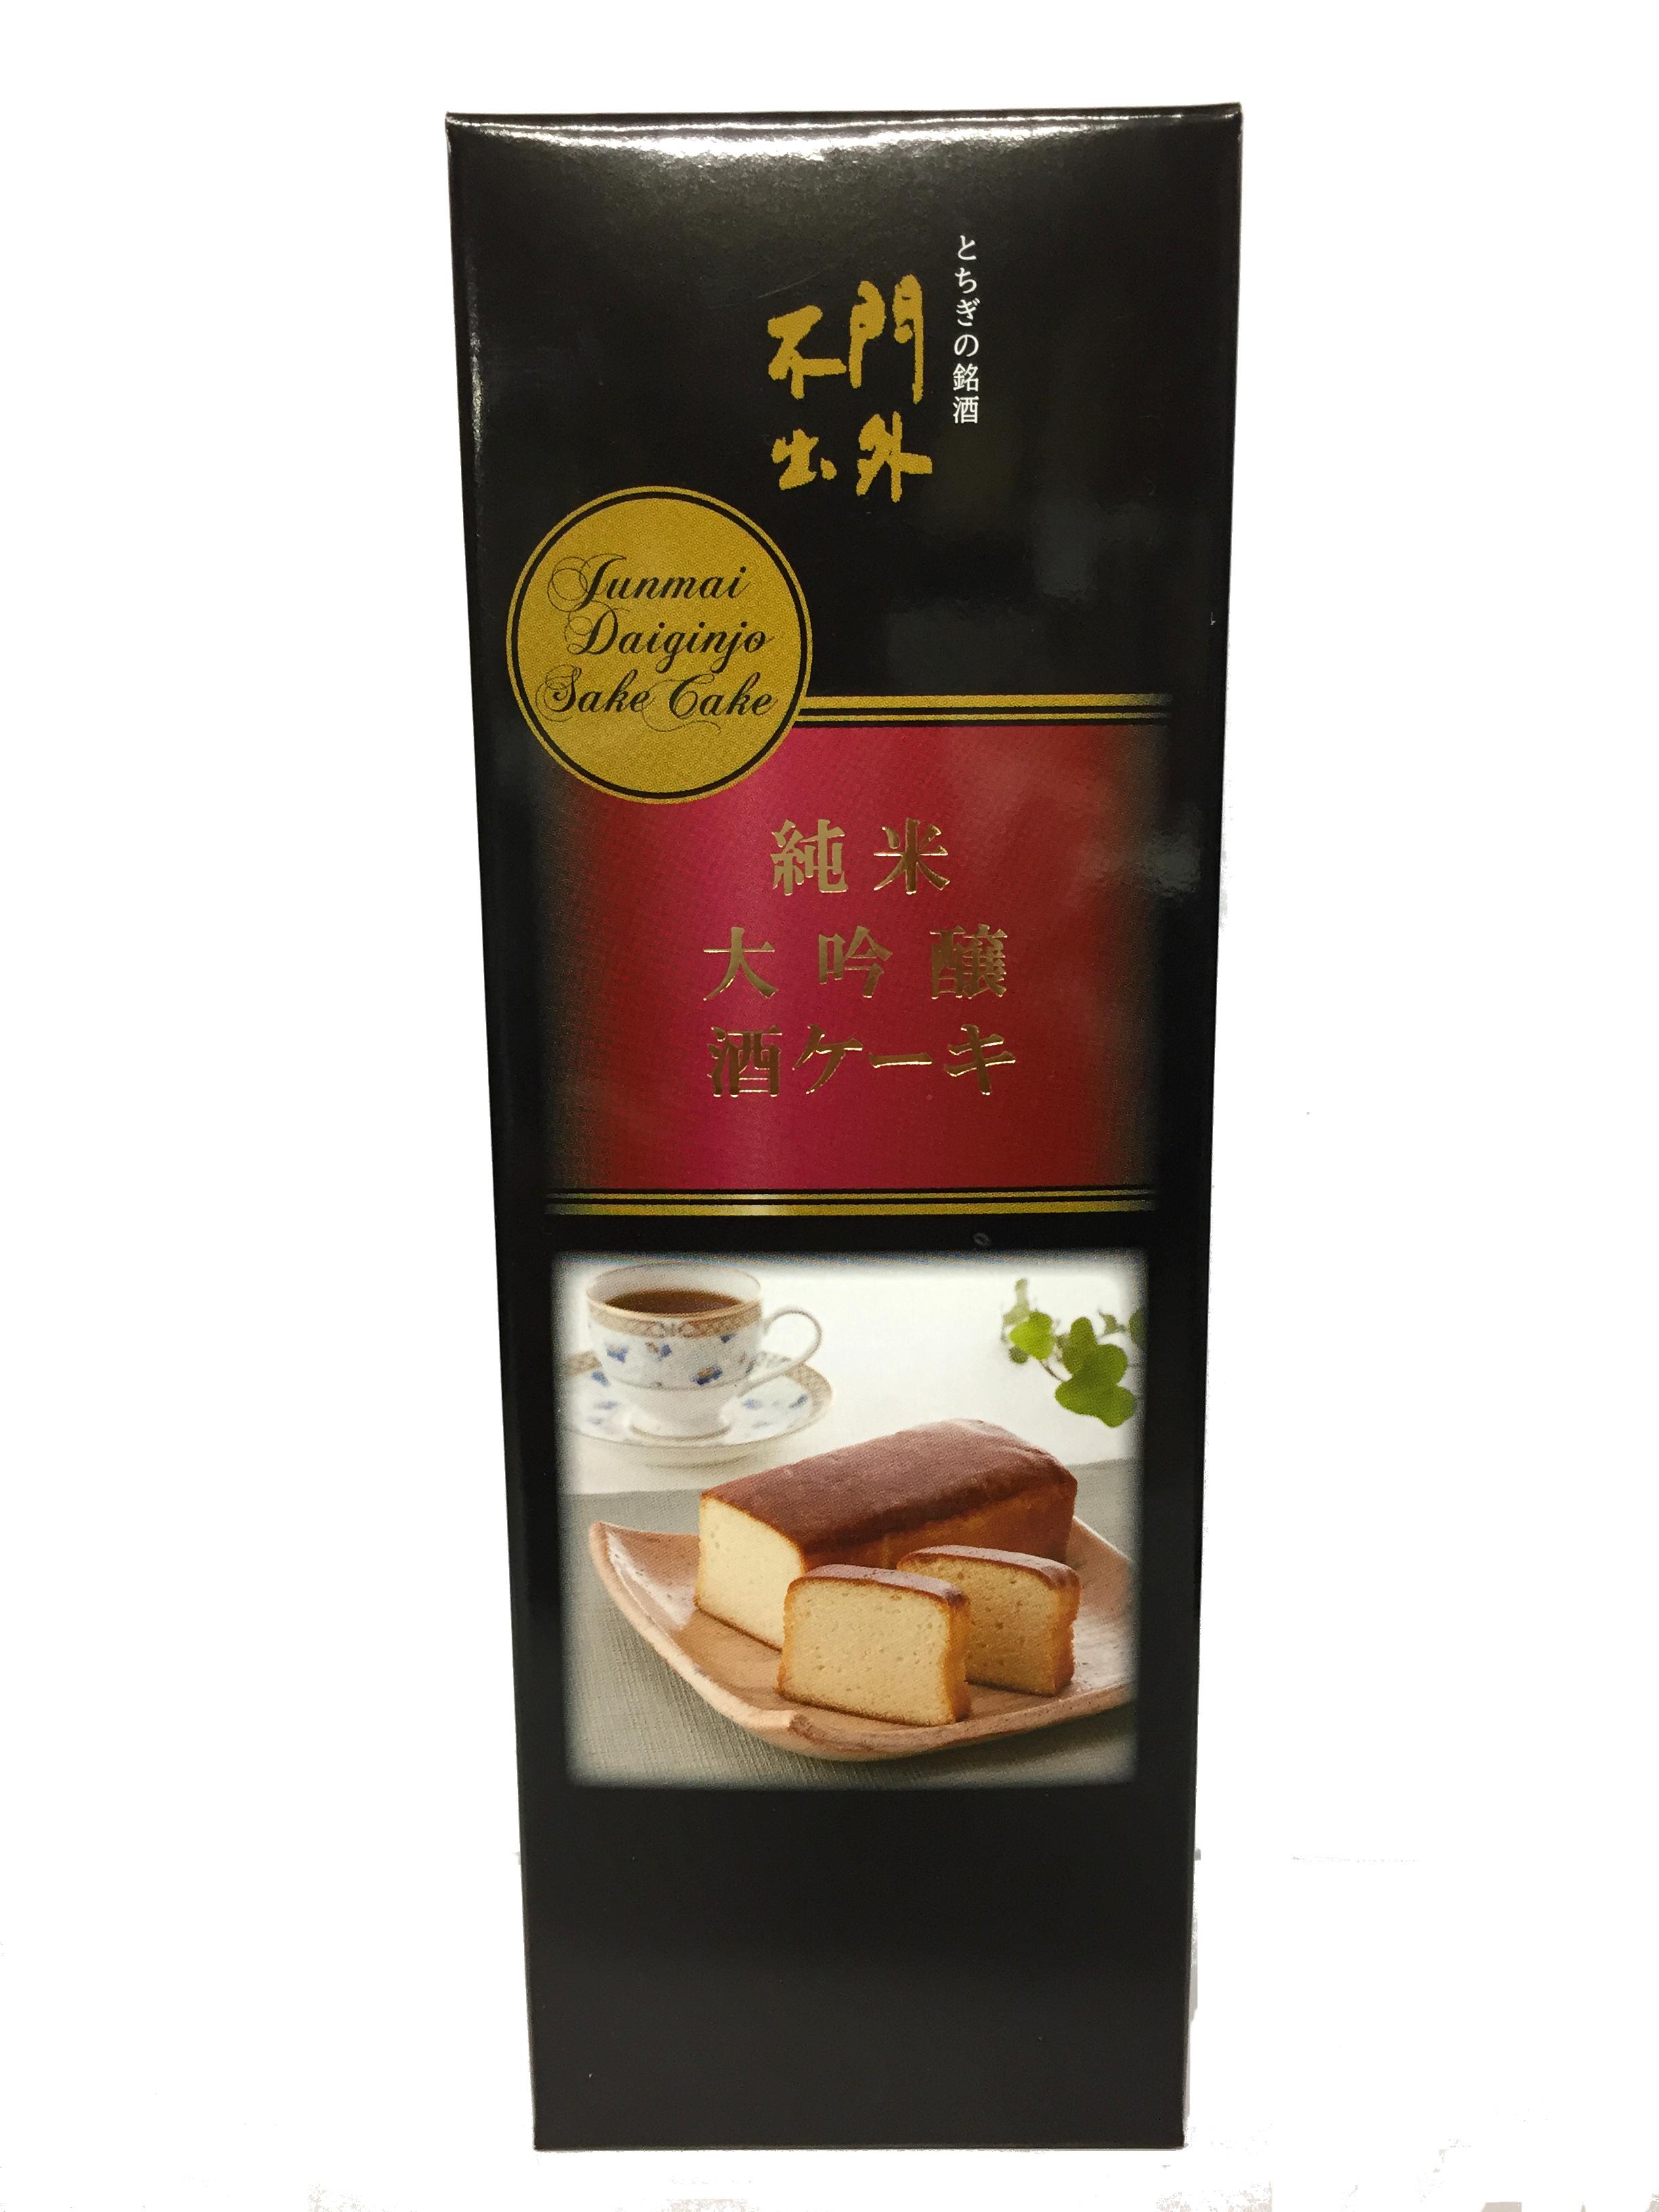 sakecake